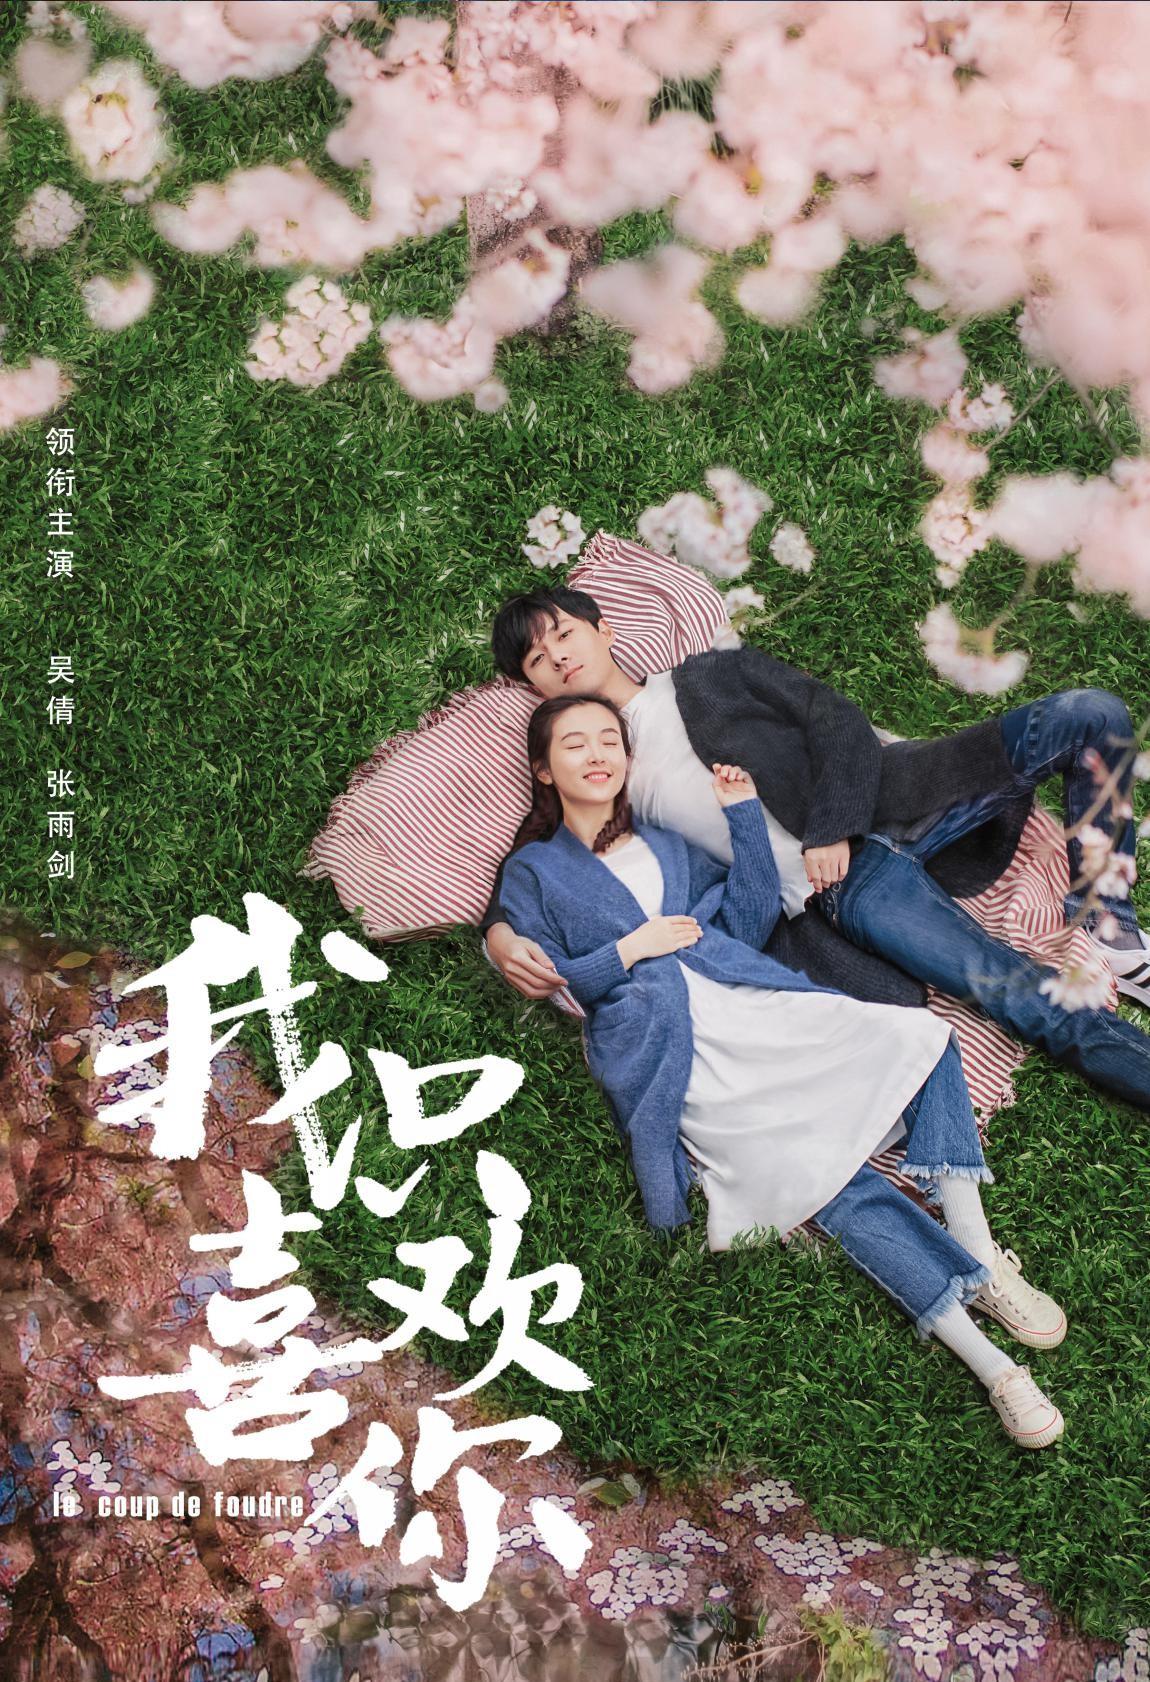 Top 10 phim Hoa Ngữ hot nhất nửa đầu năm 2019: Hoàng Cảnh Du được đồn có người chống lưng vẫn tụt hạng, vị trí số 1 chẳng ai ngờ - Ảnh 9.